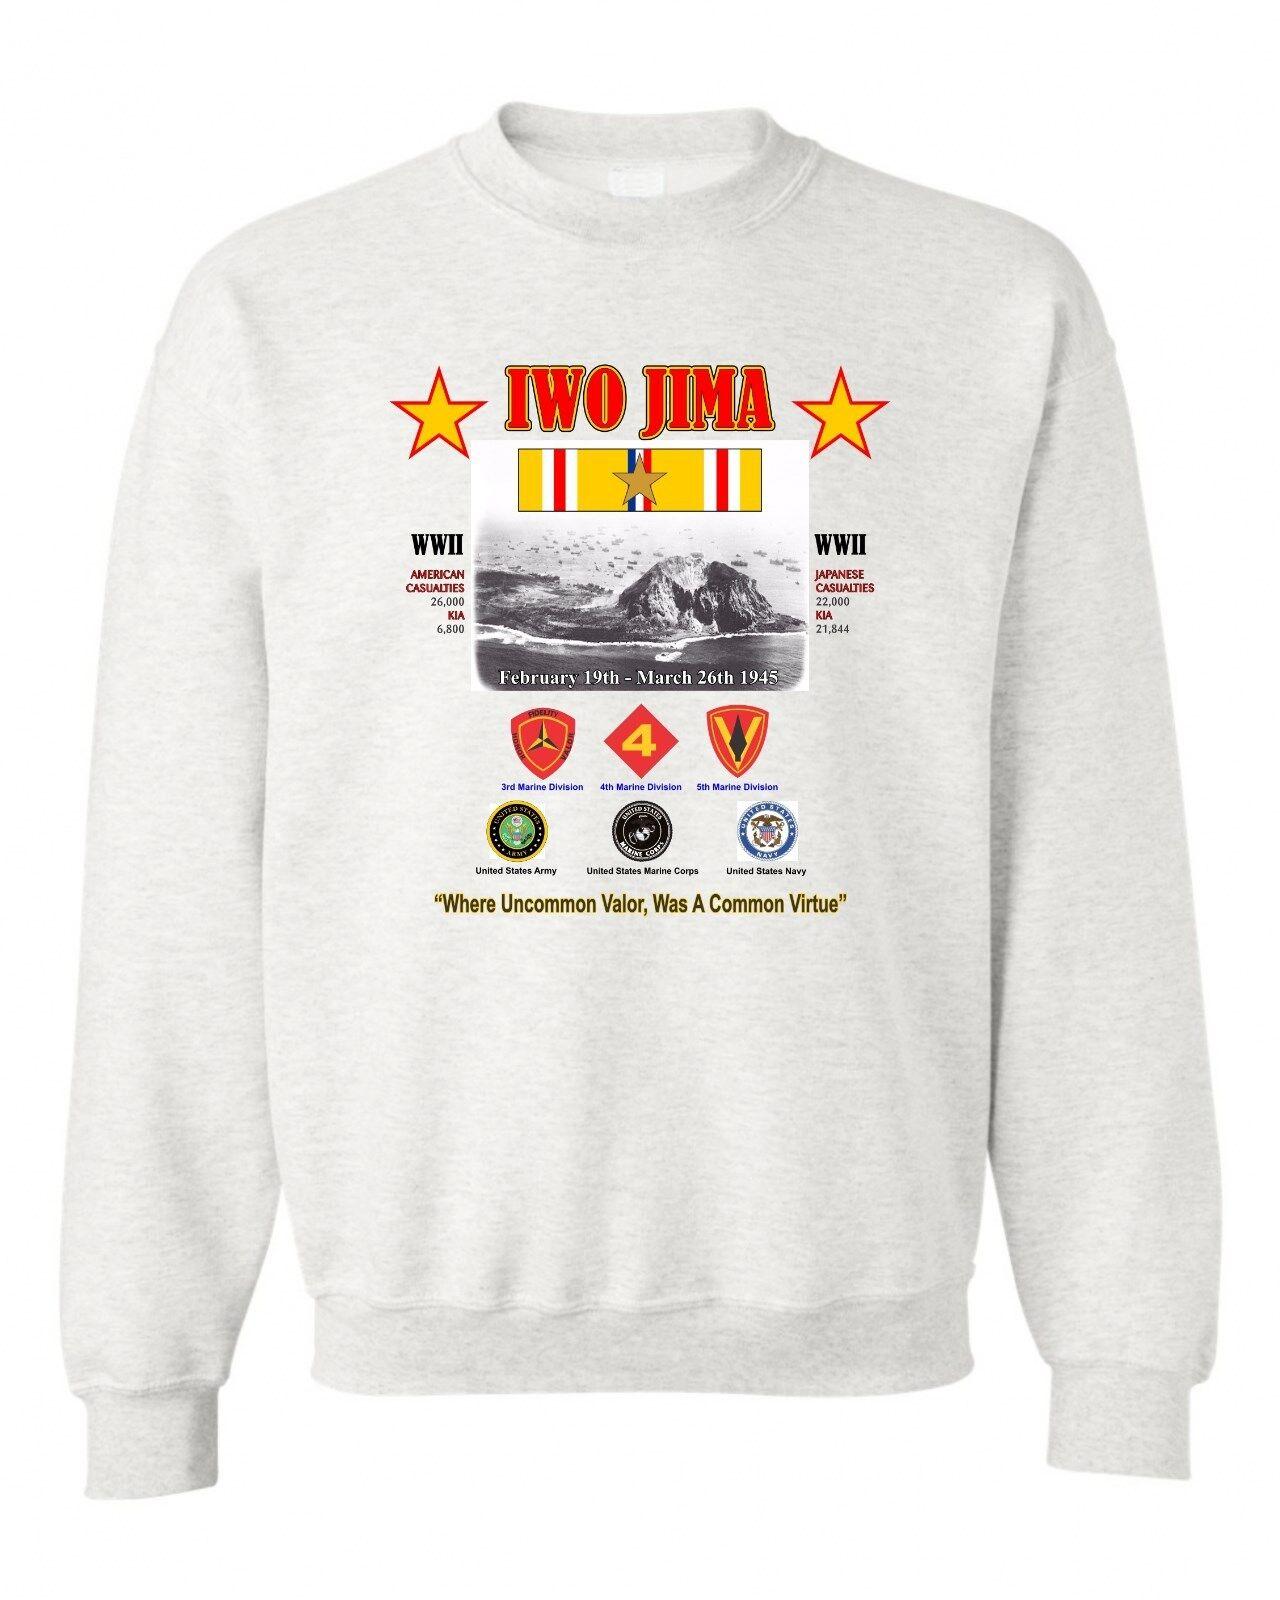 IWO JIMA BATTLE WW II UNIT & OPERATION MILITARY CAMPAIGN & BATTLE SWEATSHIRT